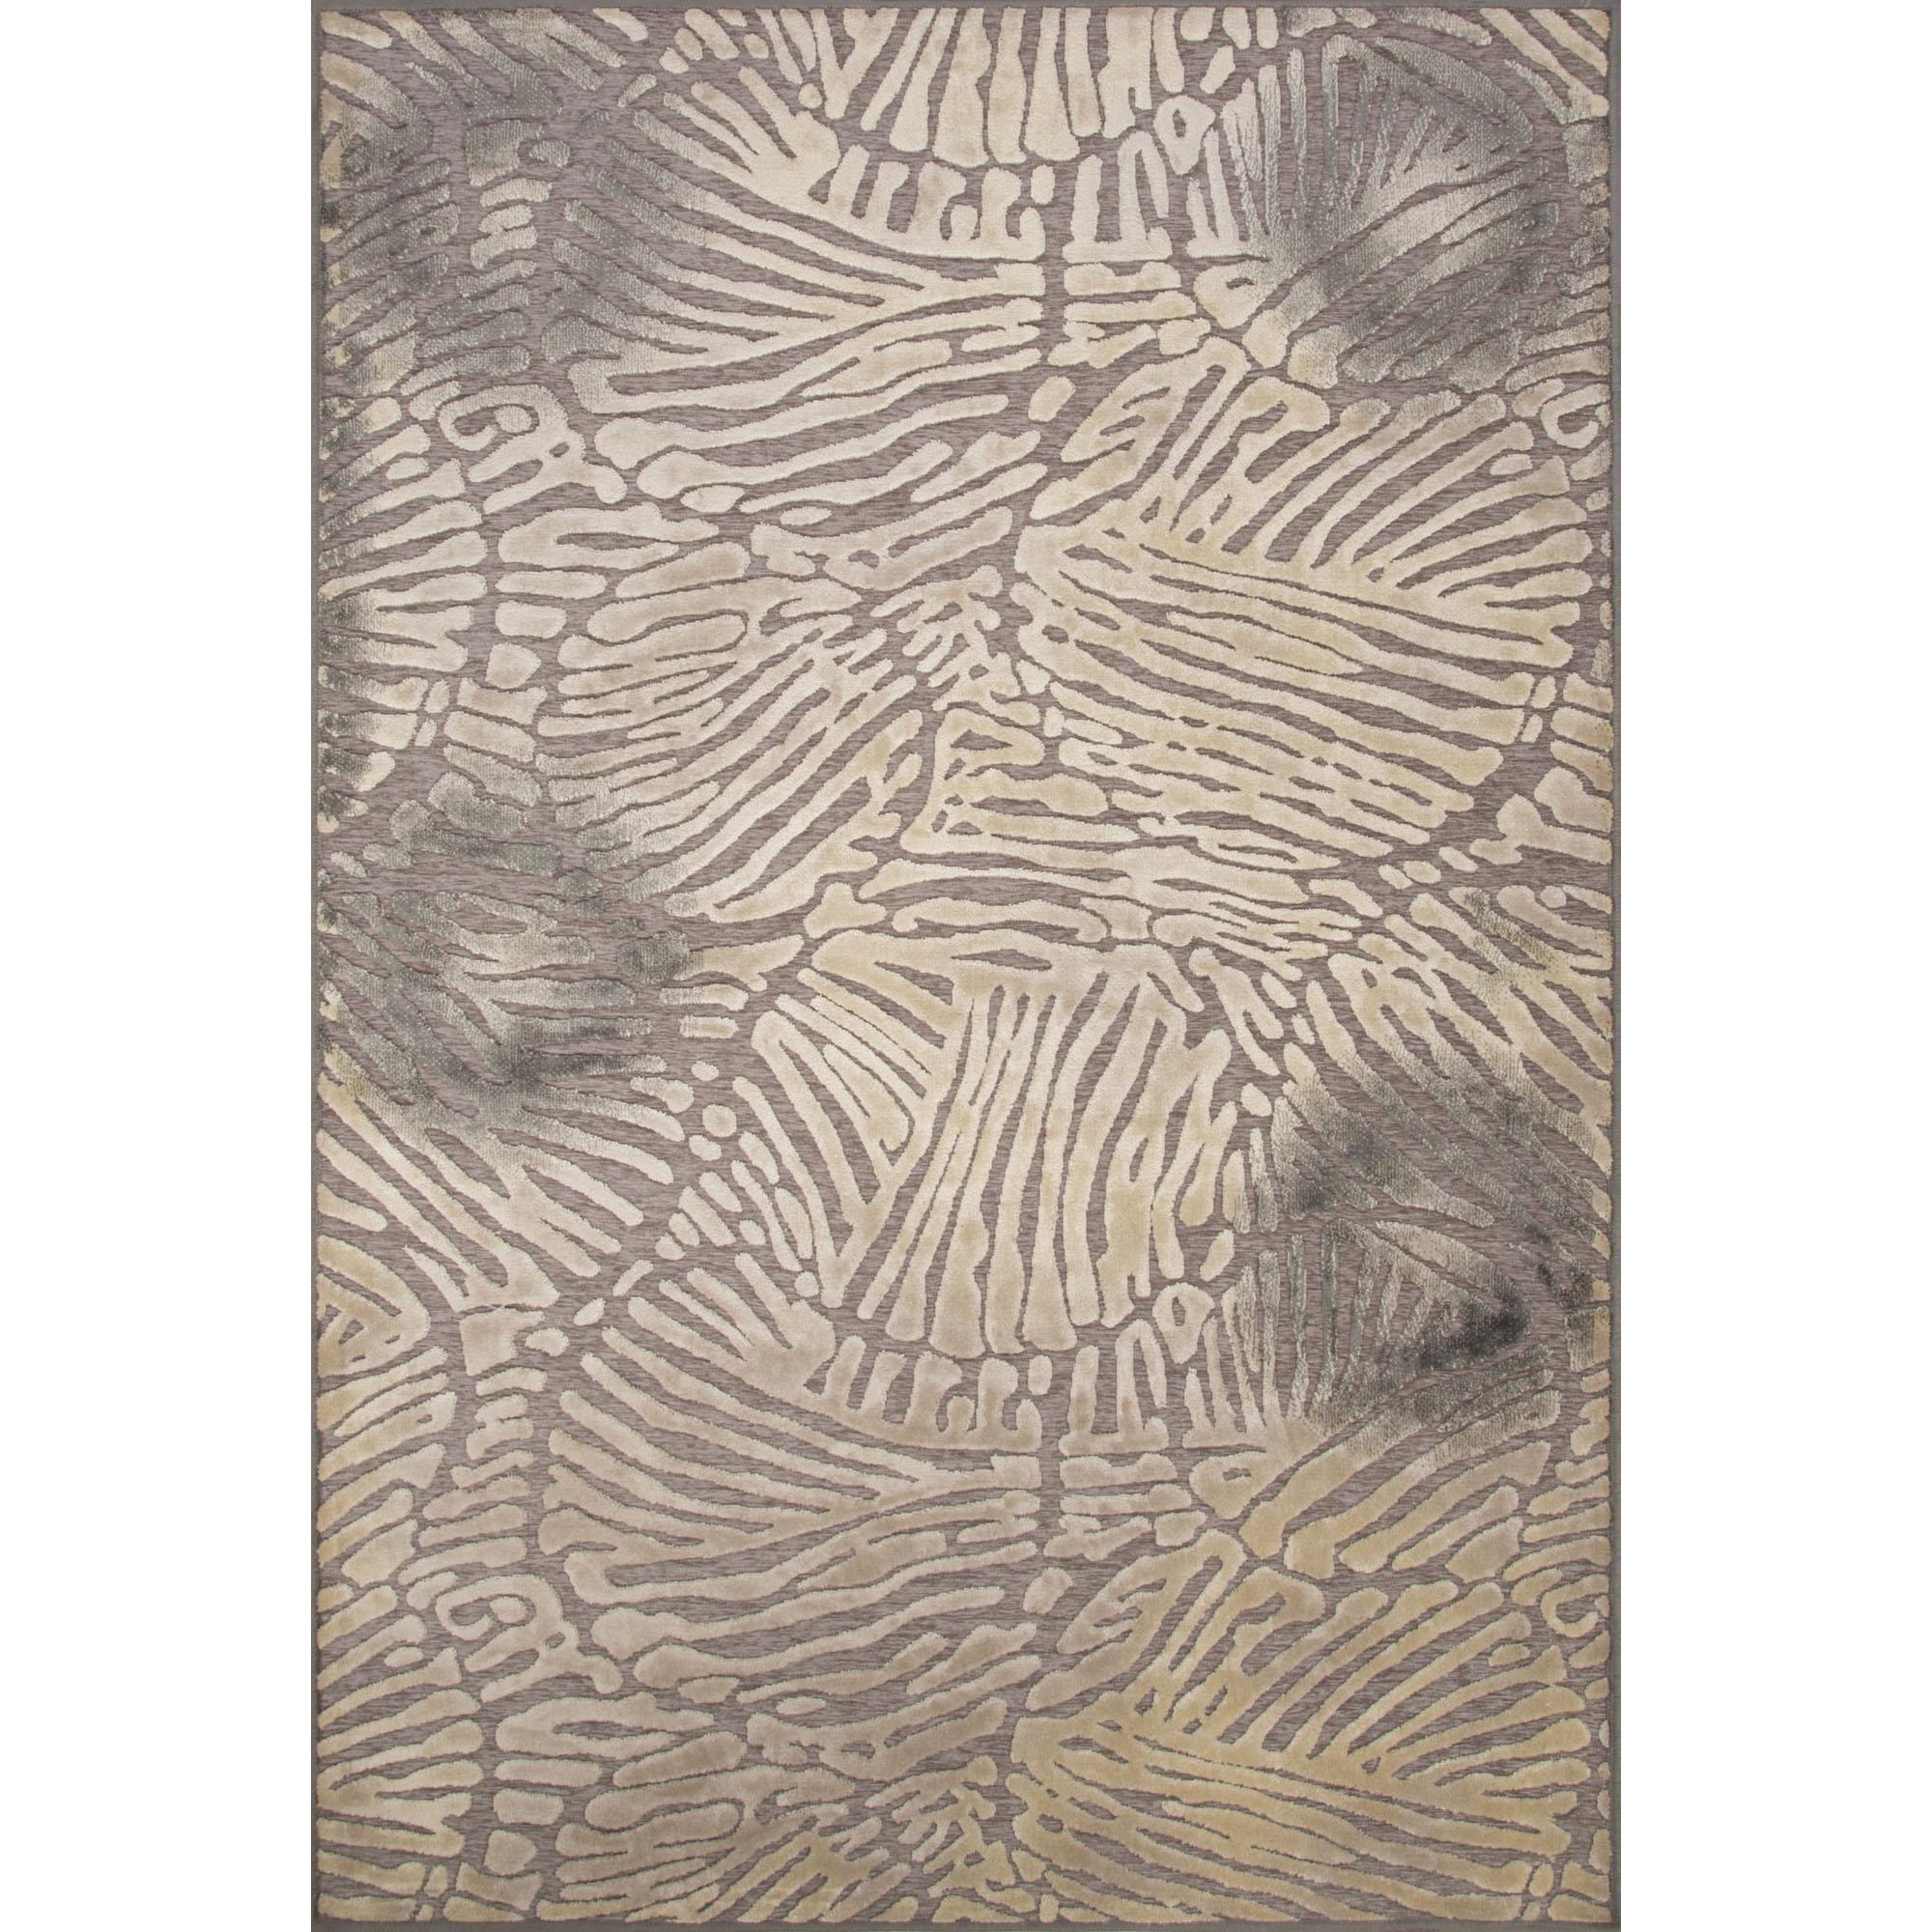 JAIPUR Rugs Harper 7.6 x 10.10 Rug - Item Number: RUG124597